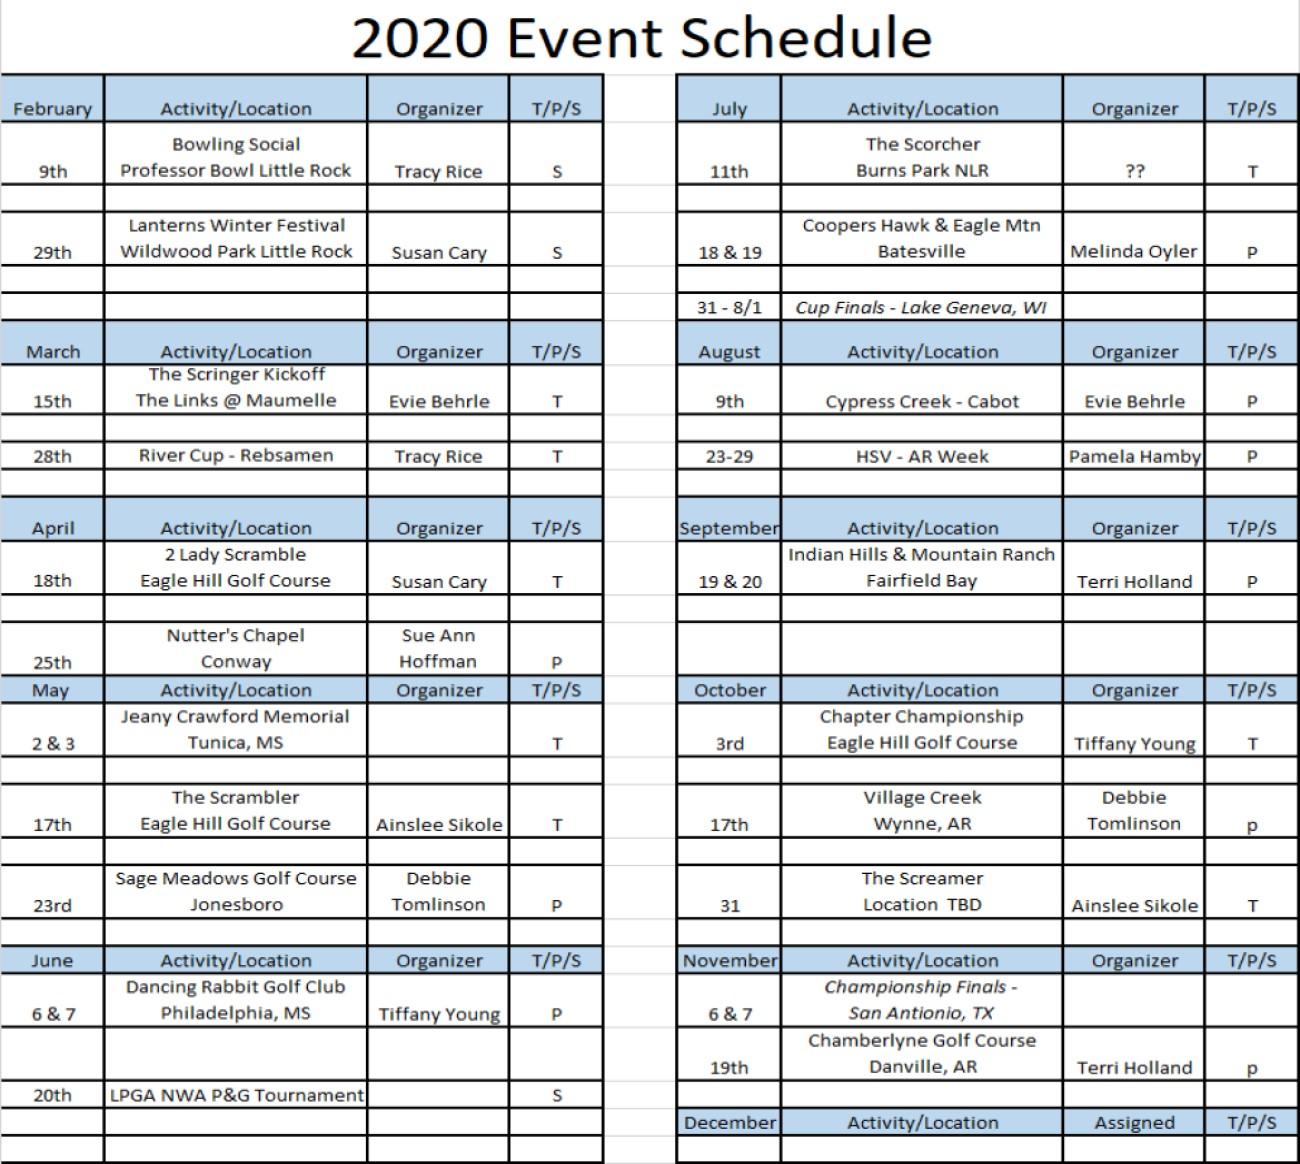 2020 events schedule